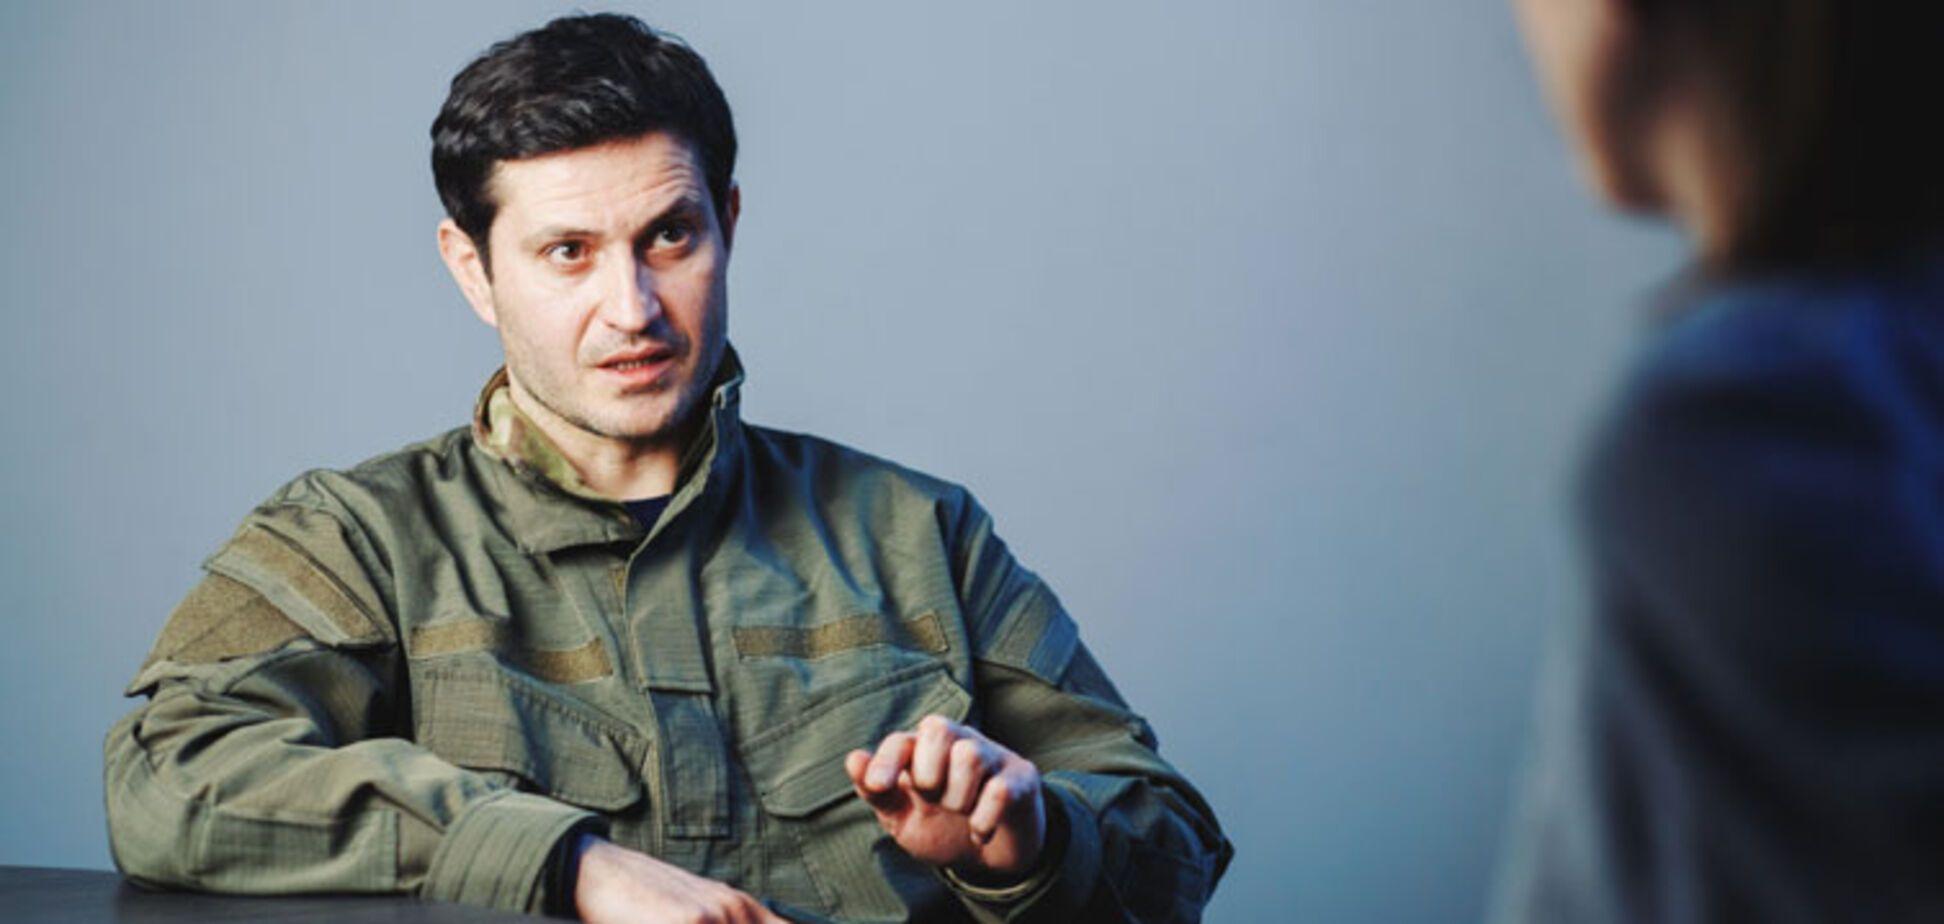 Мне больно: режиссер 'Киборгов' высказался о скандальном поступке '95 Квартала'